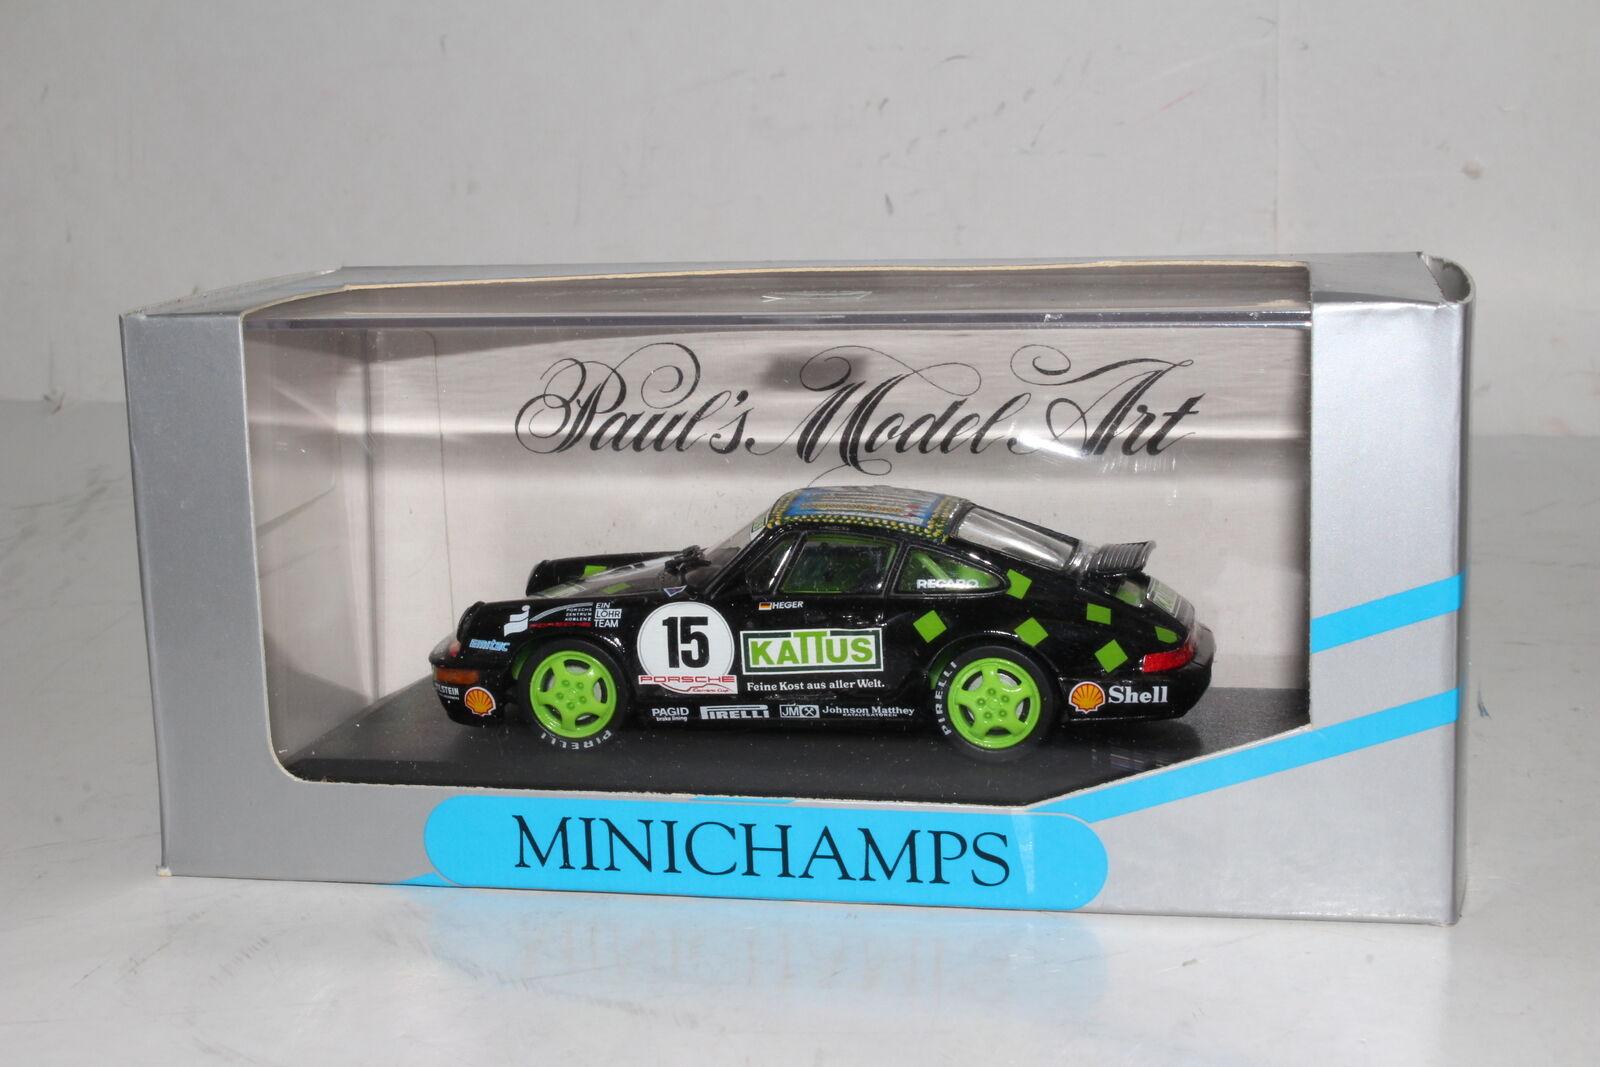 MINICHAMPS DIECAST PORSCHE 911 911 911 CARRERA, CUP - SIEGER 1993, A. HEGER 1 43 4df987